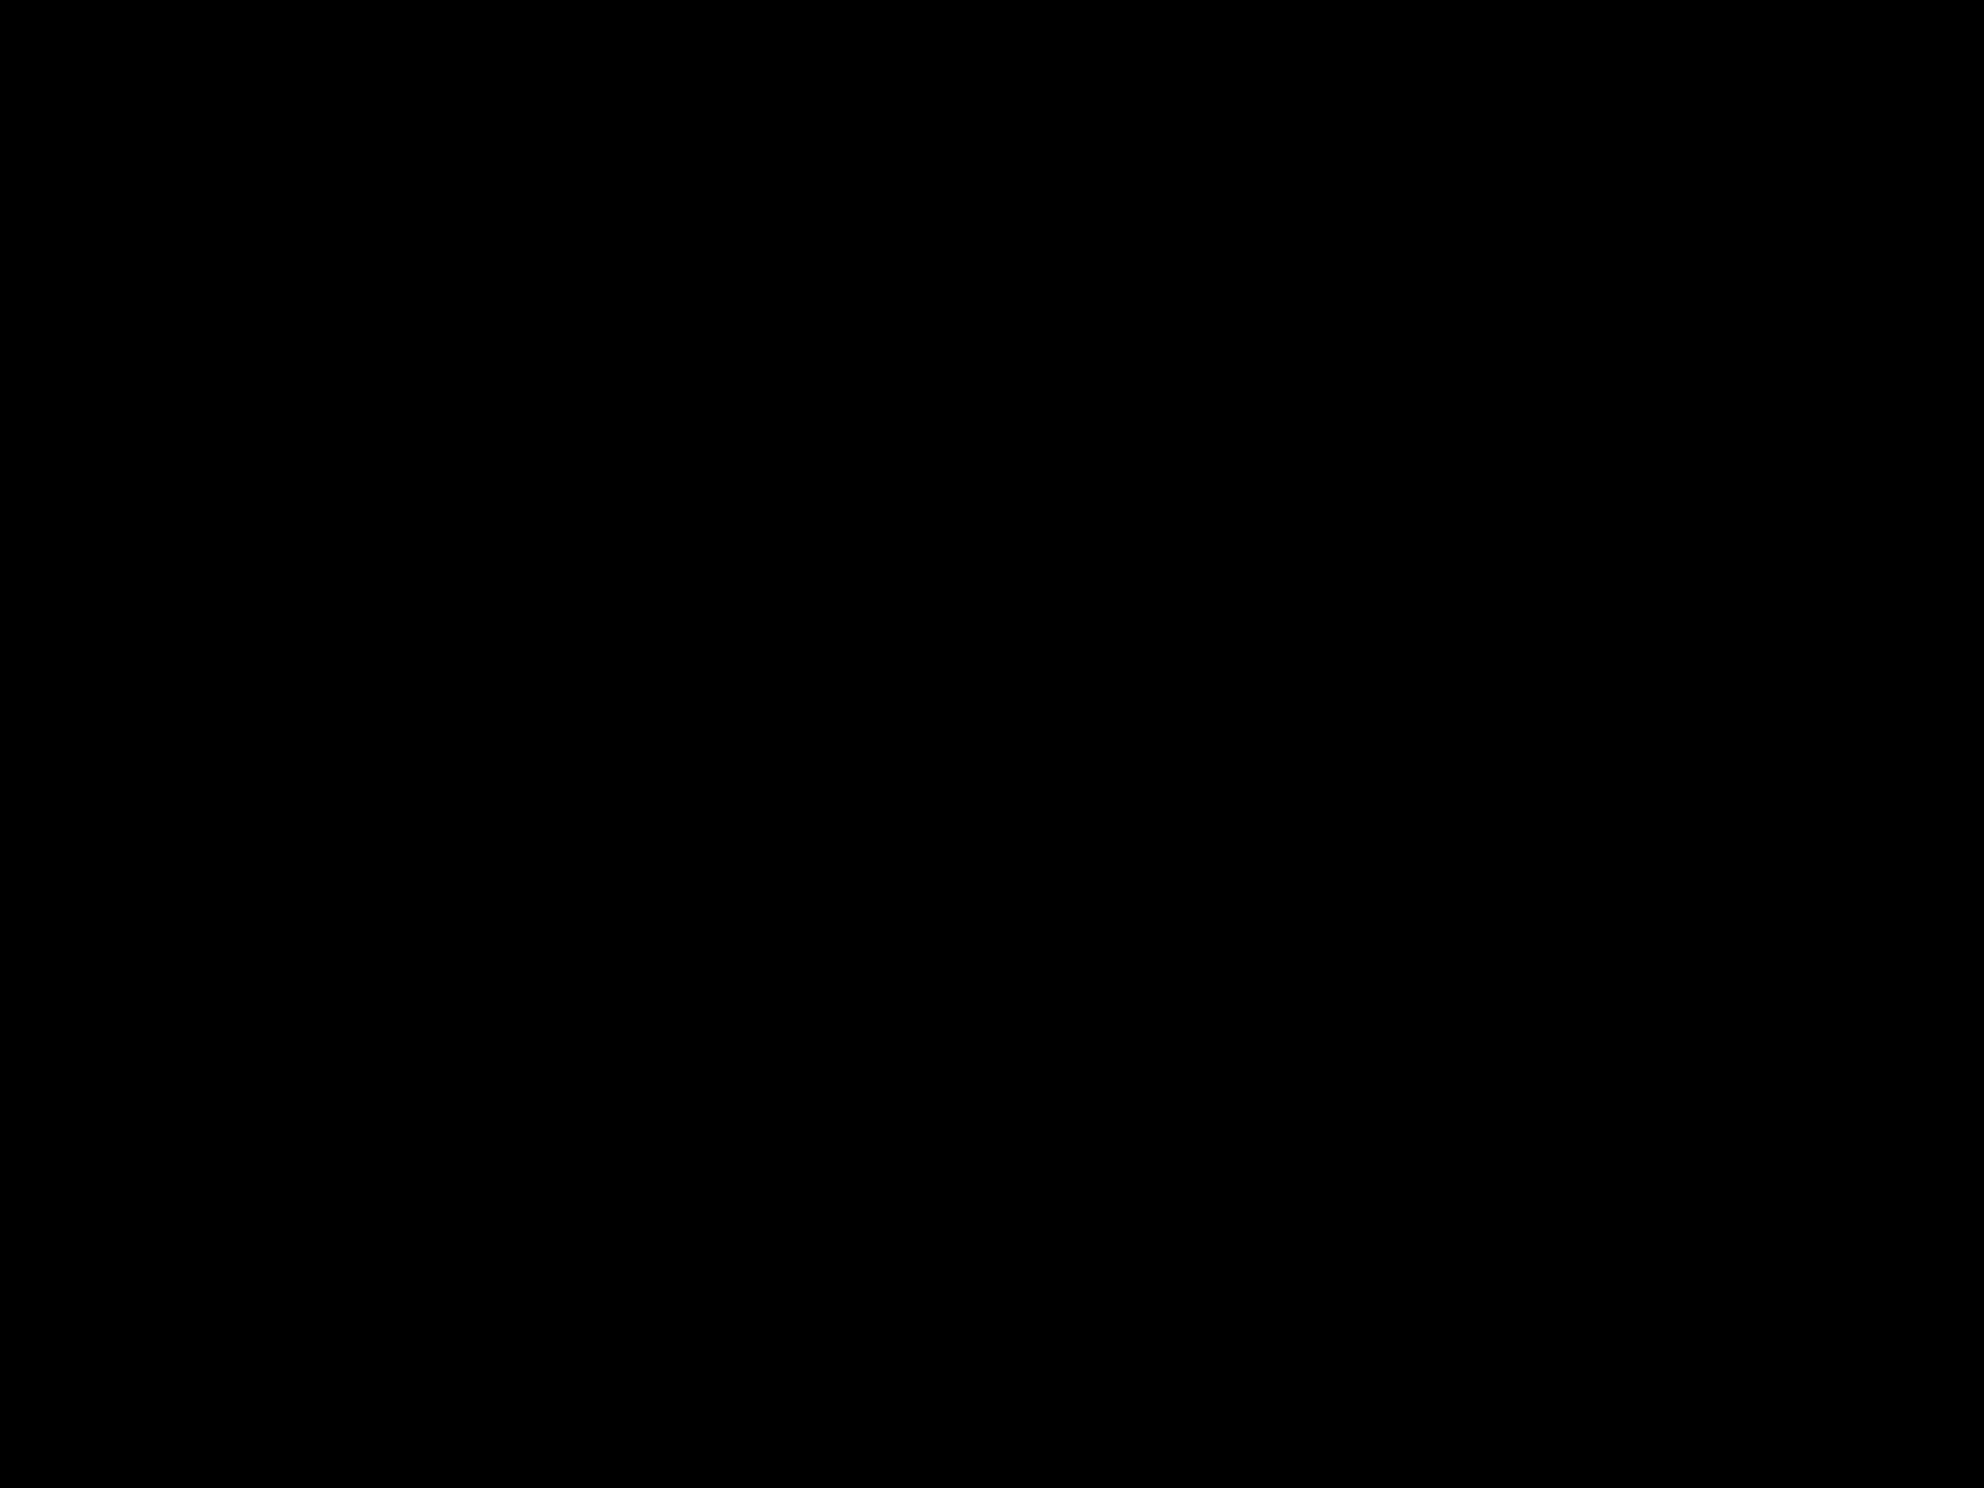 Varhaislajikkeiden esittely Merimaskussa 27.6.2018